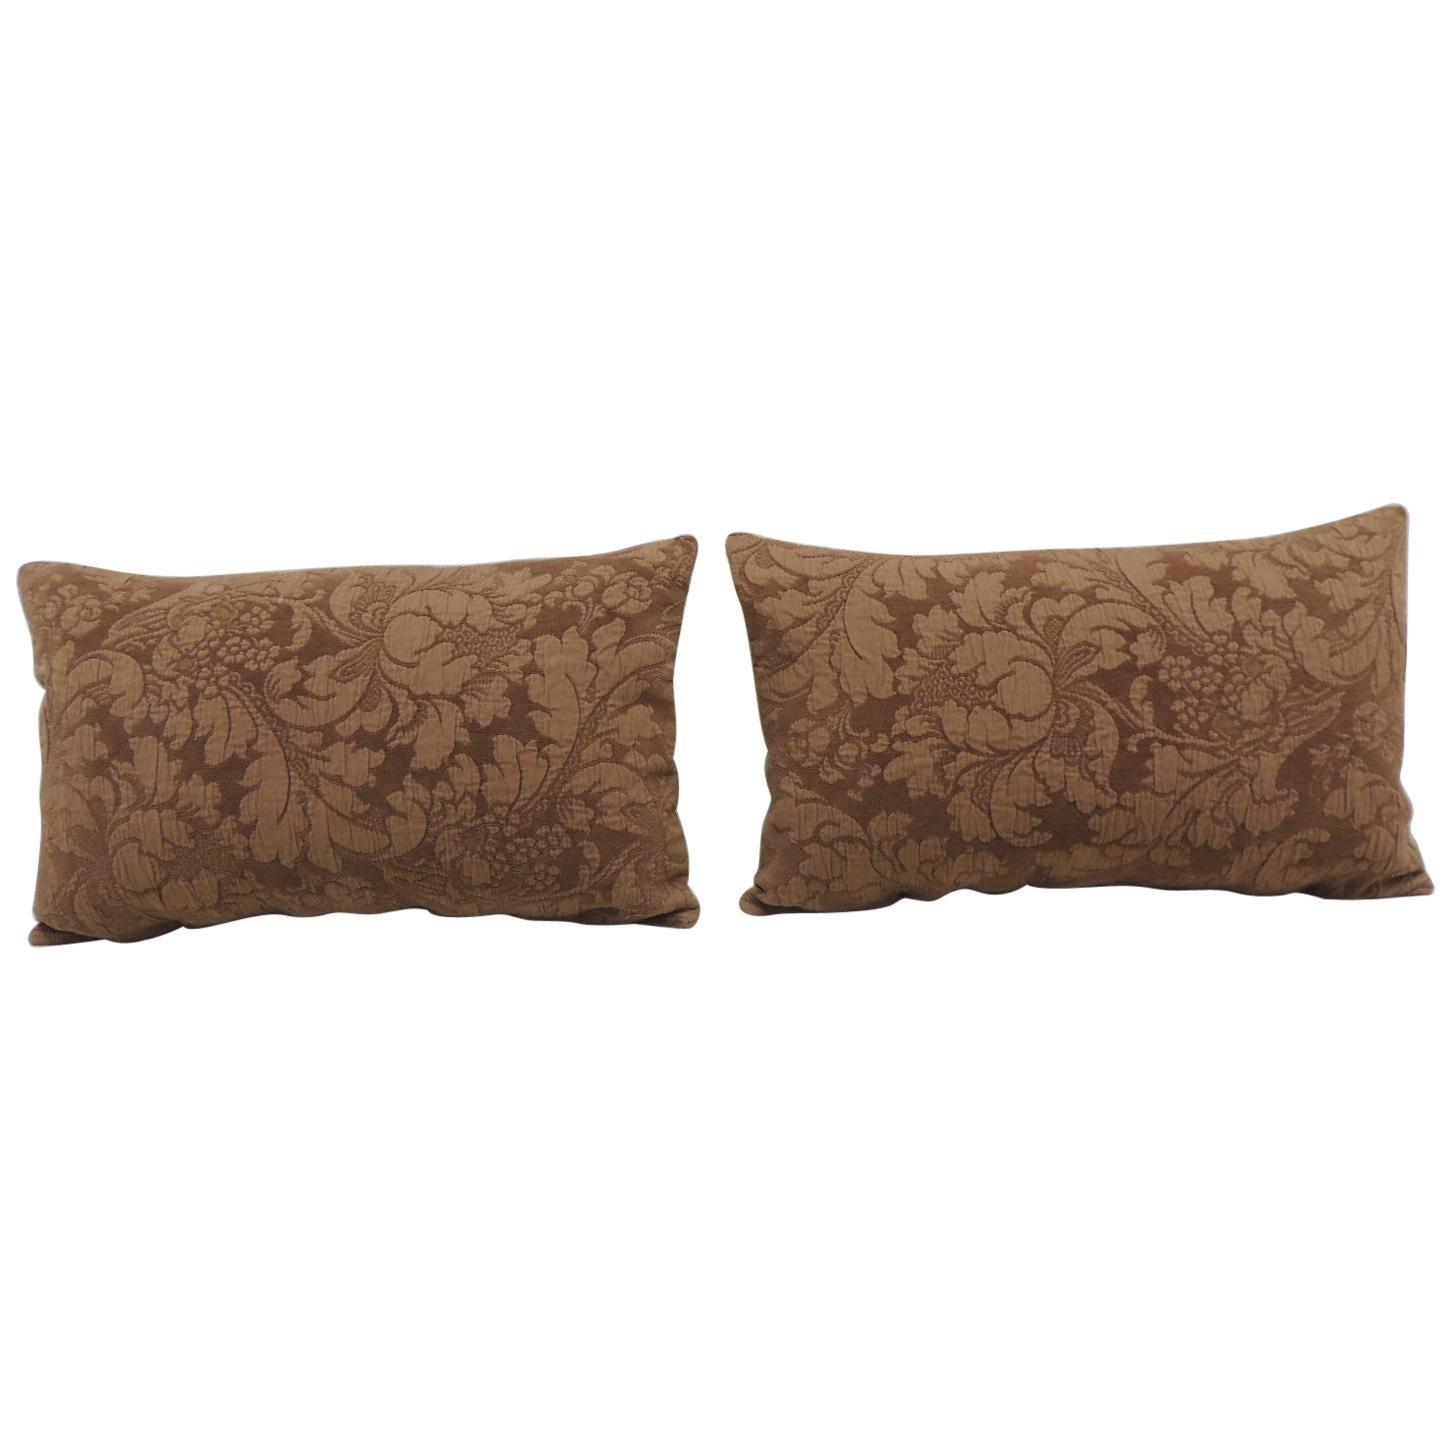 Pair of Modern Brown Tone-on-Tone Matelassé Lumbar Decorative Pillows